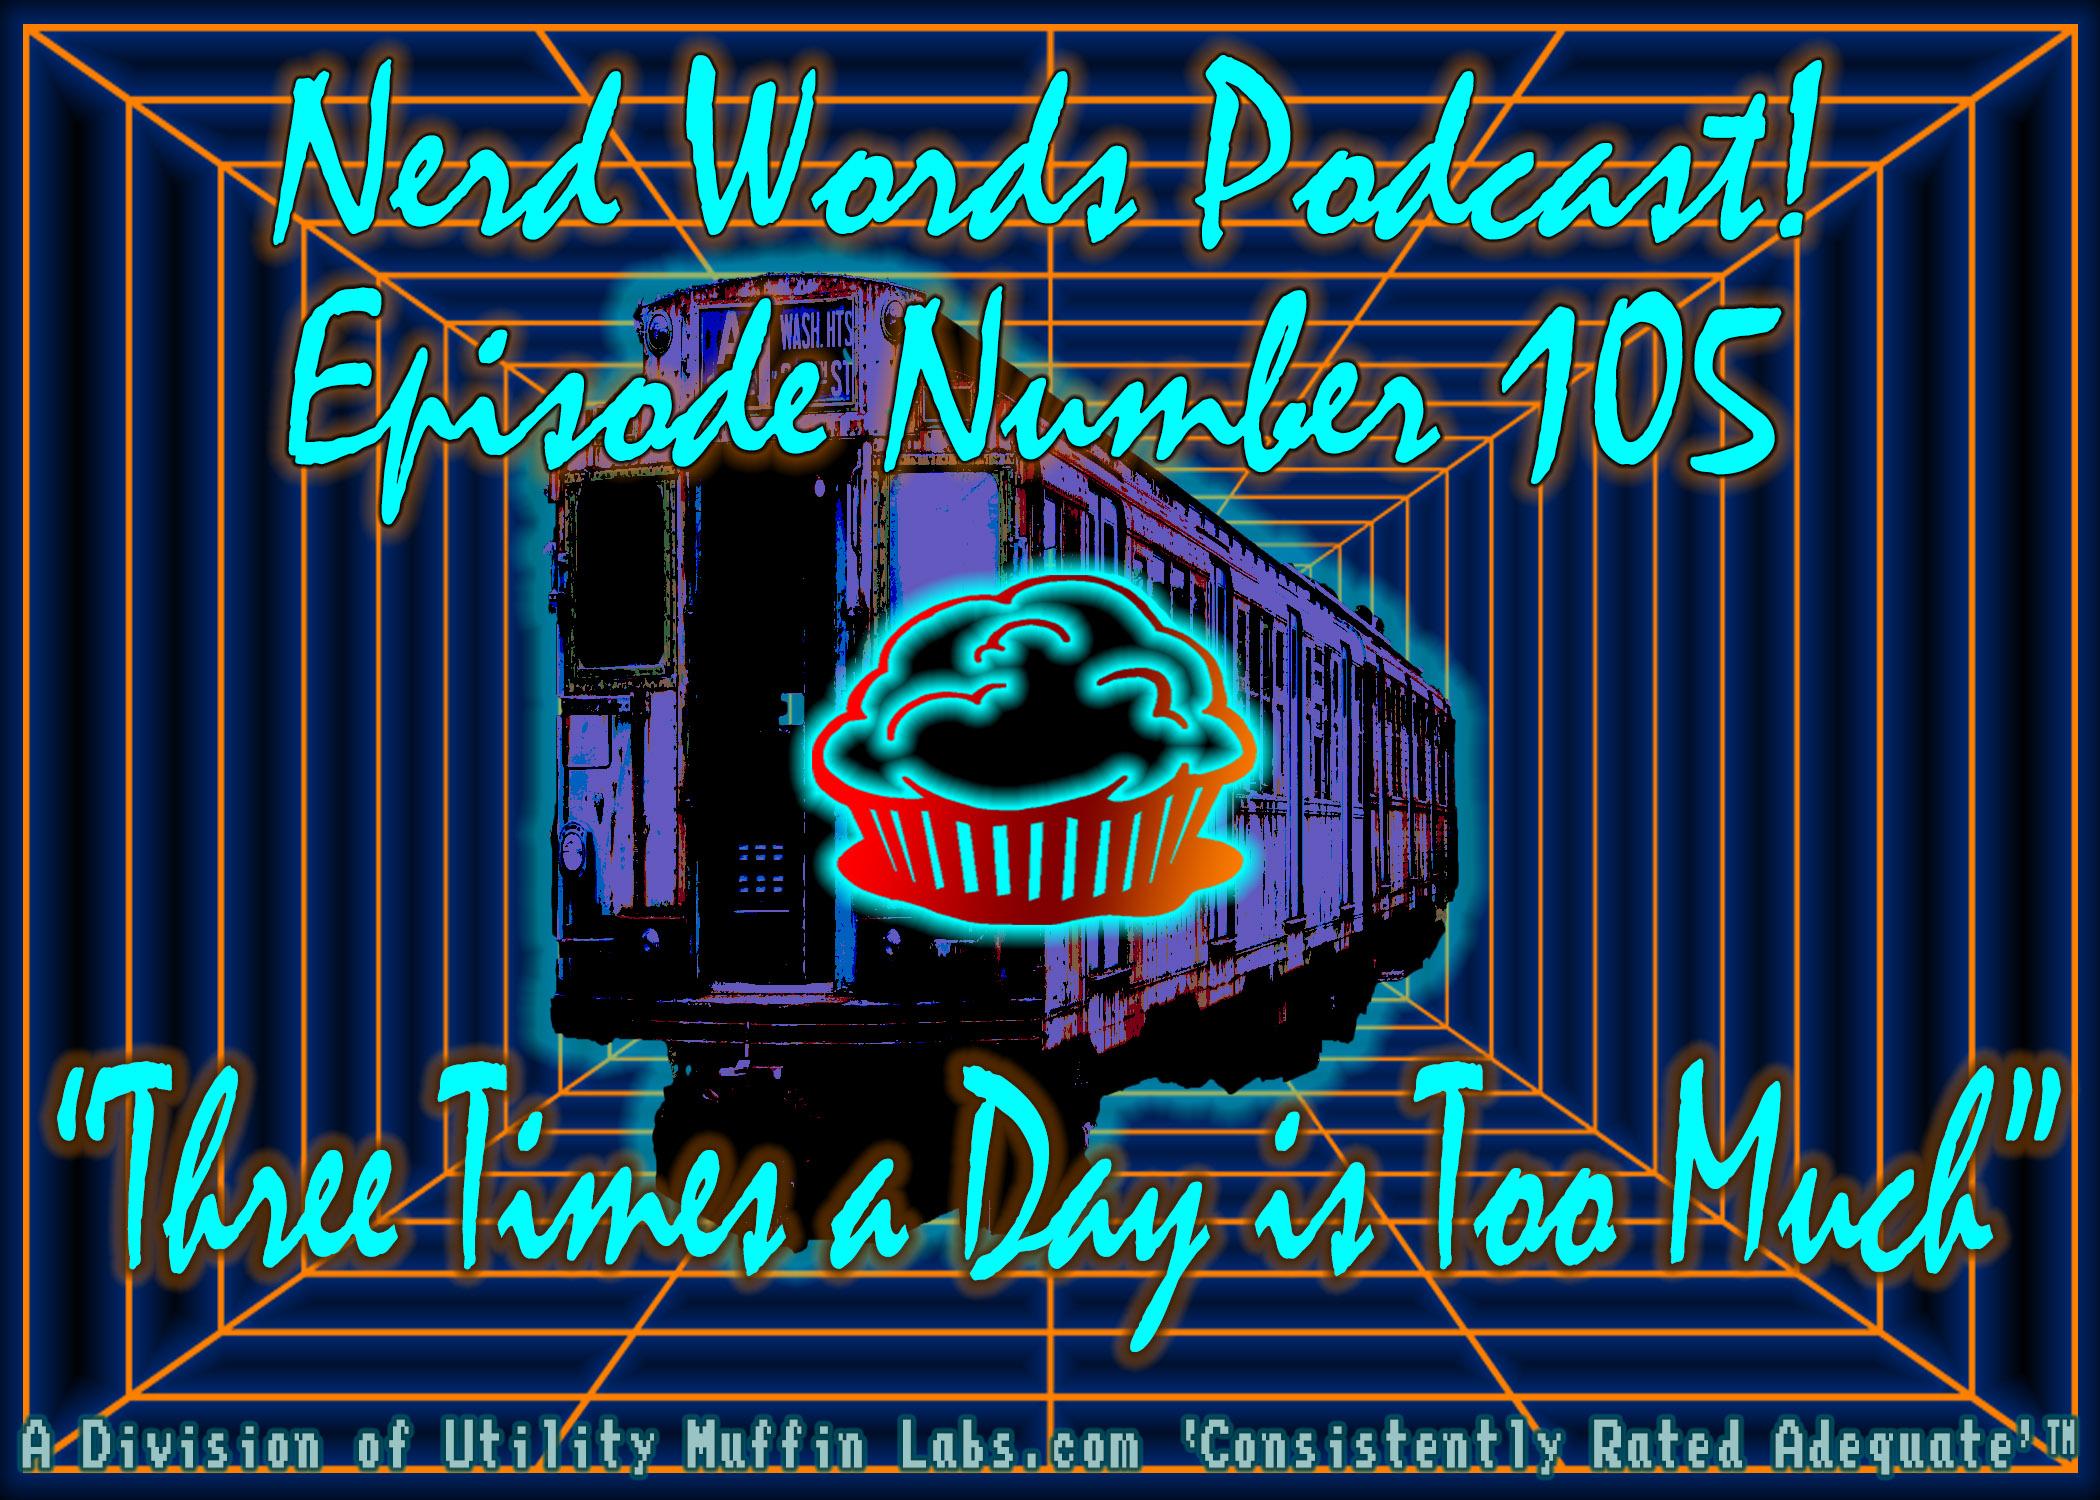 Nerd Words Episode 105.jpg